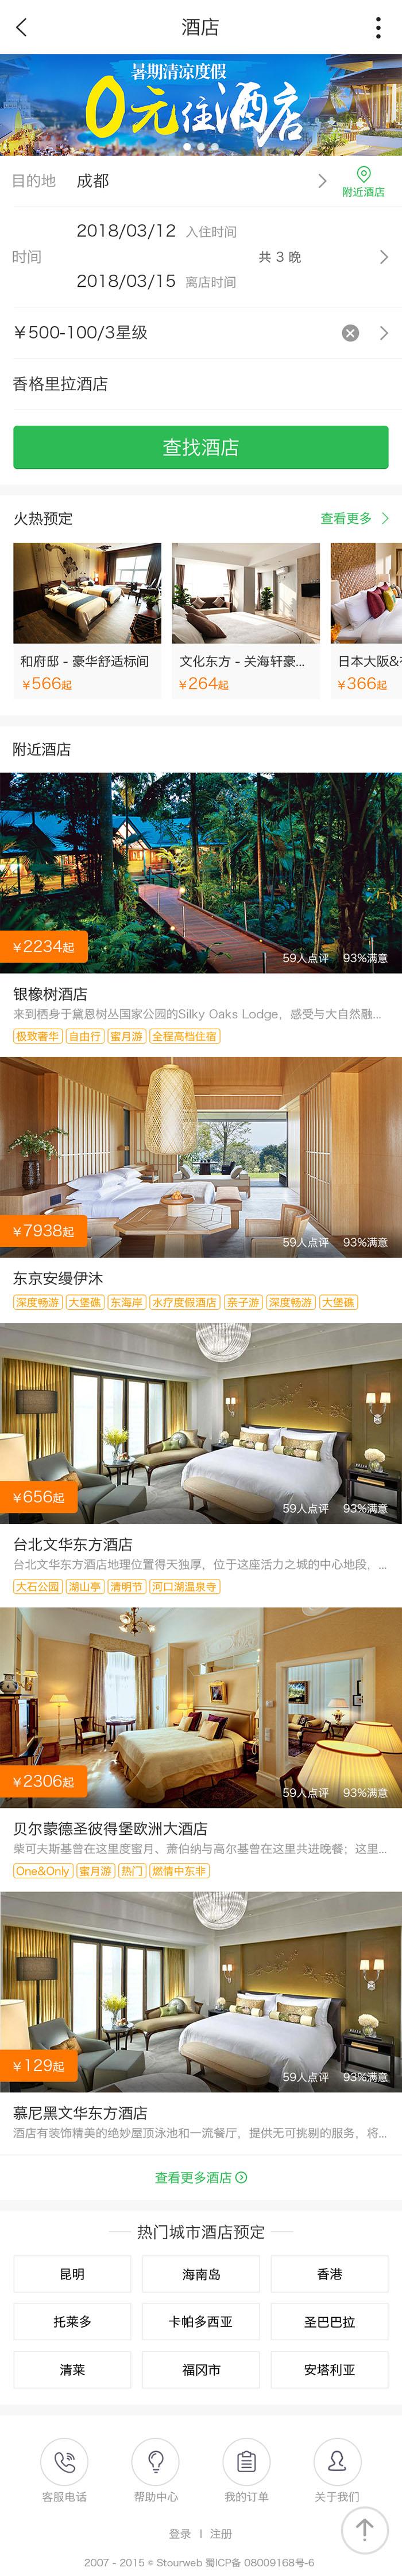 酒店4.jpg